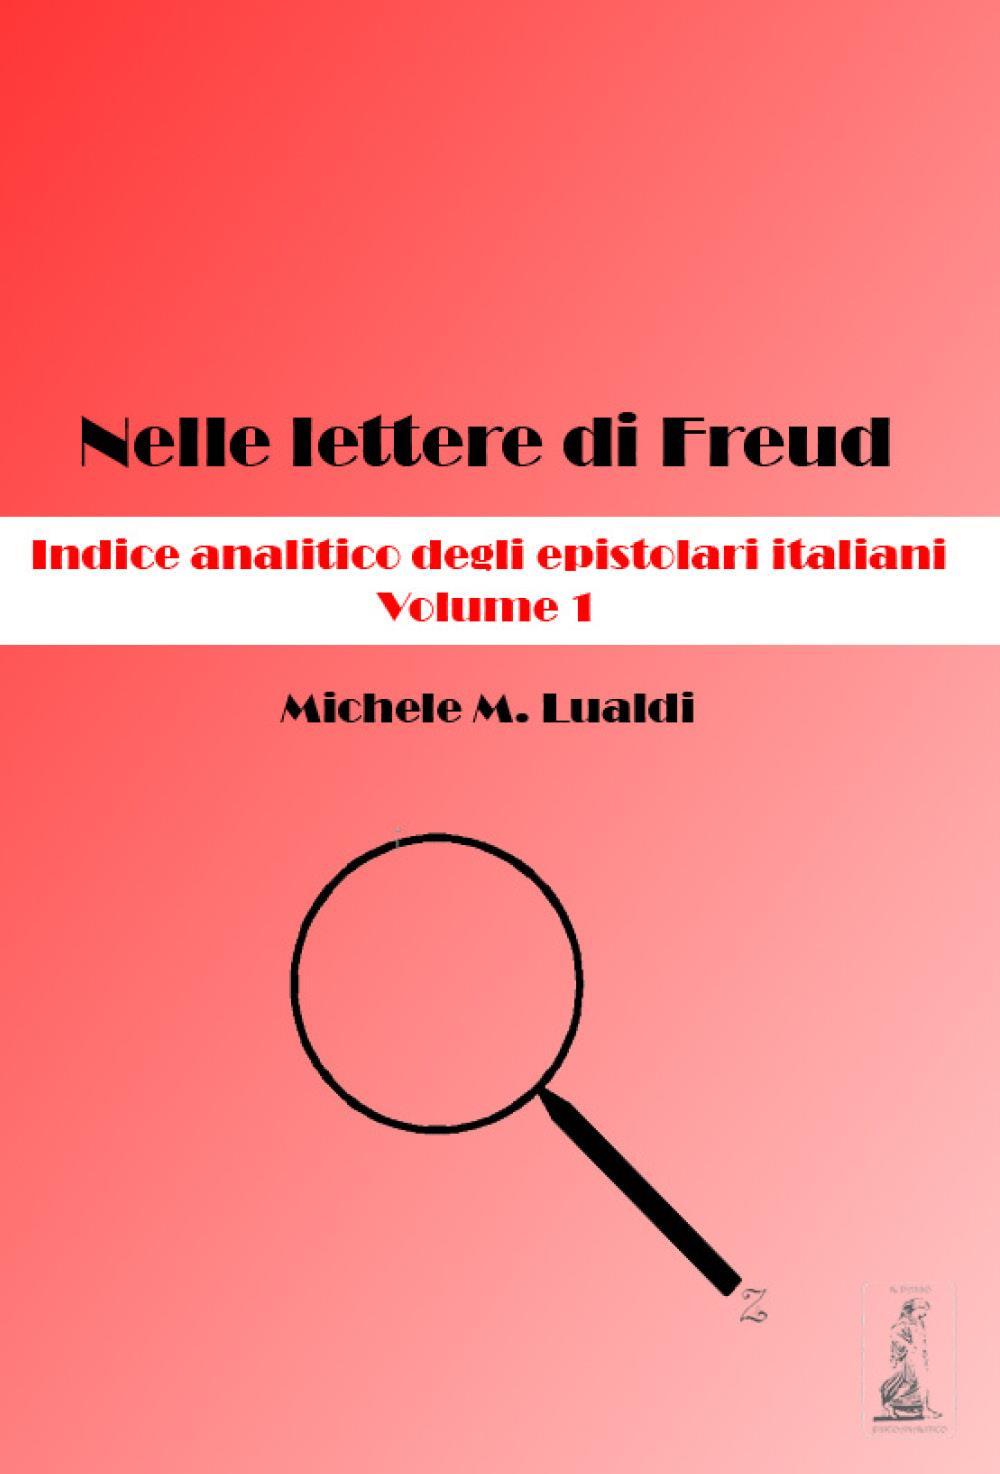 Nelle lettere di Freud. Indice analitico degli epistolari italiani. Volume 1